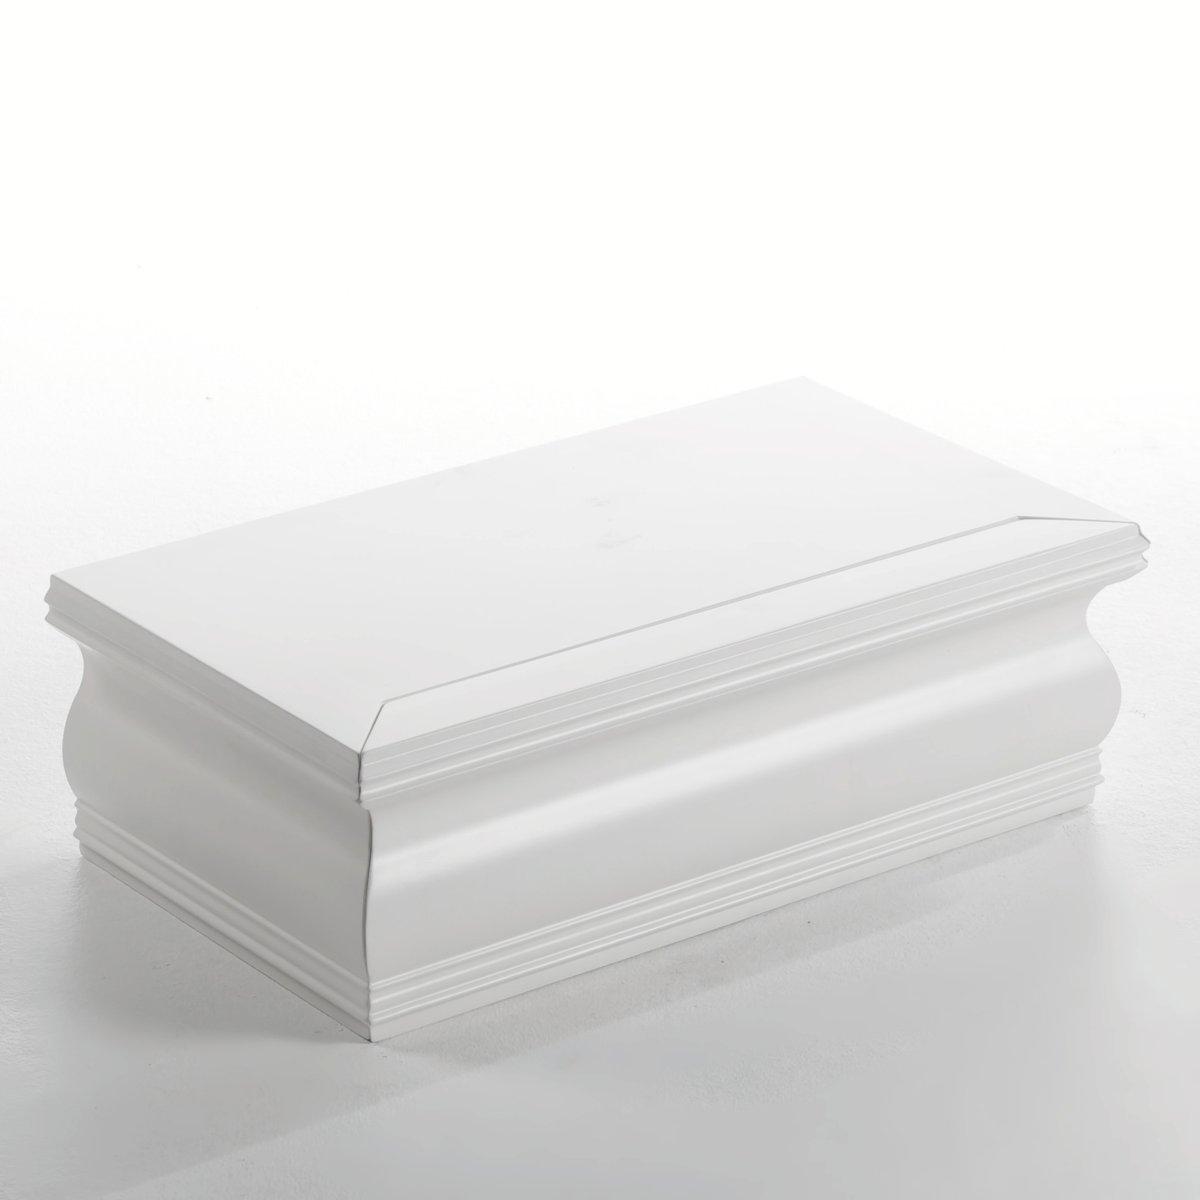 Тумба-ящик   VictoireСамостоятельно или  поверх других предметов мебели, данная тумба-ящик с резьбой может быть расположена в любой части комнаты,  а также на стене . МДФ с лаковым покрытием- нитроцеллюлоза и полиуретан (модель под покраску из массива сосны). .49 x P.27,5 x H.15 см.<br><br>Цвет: белый<br>Размер: единый размер